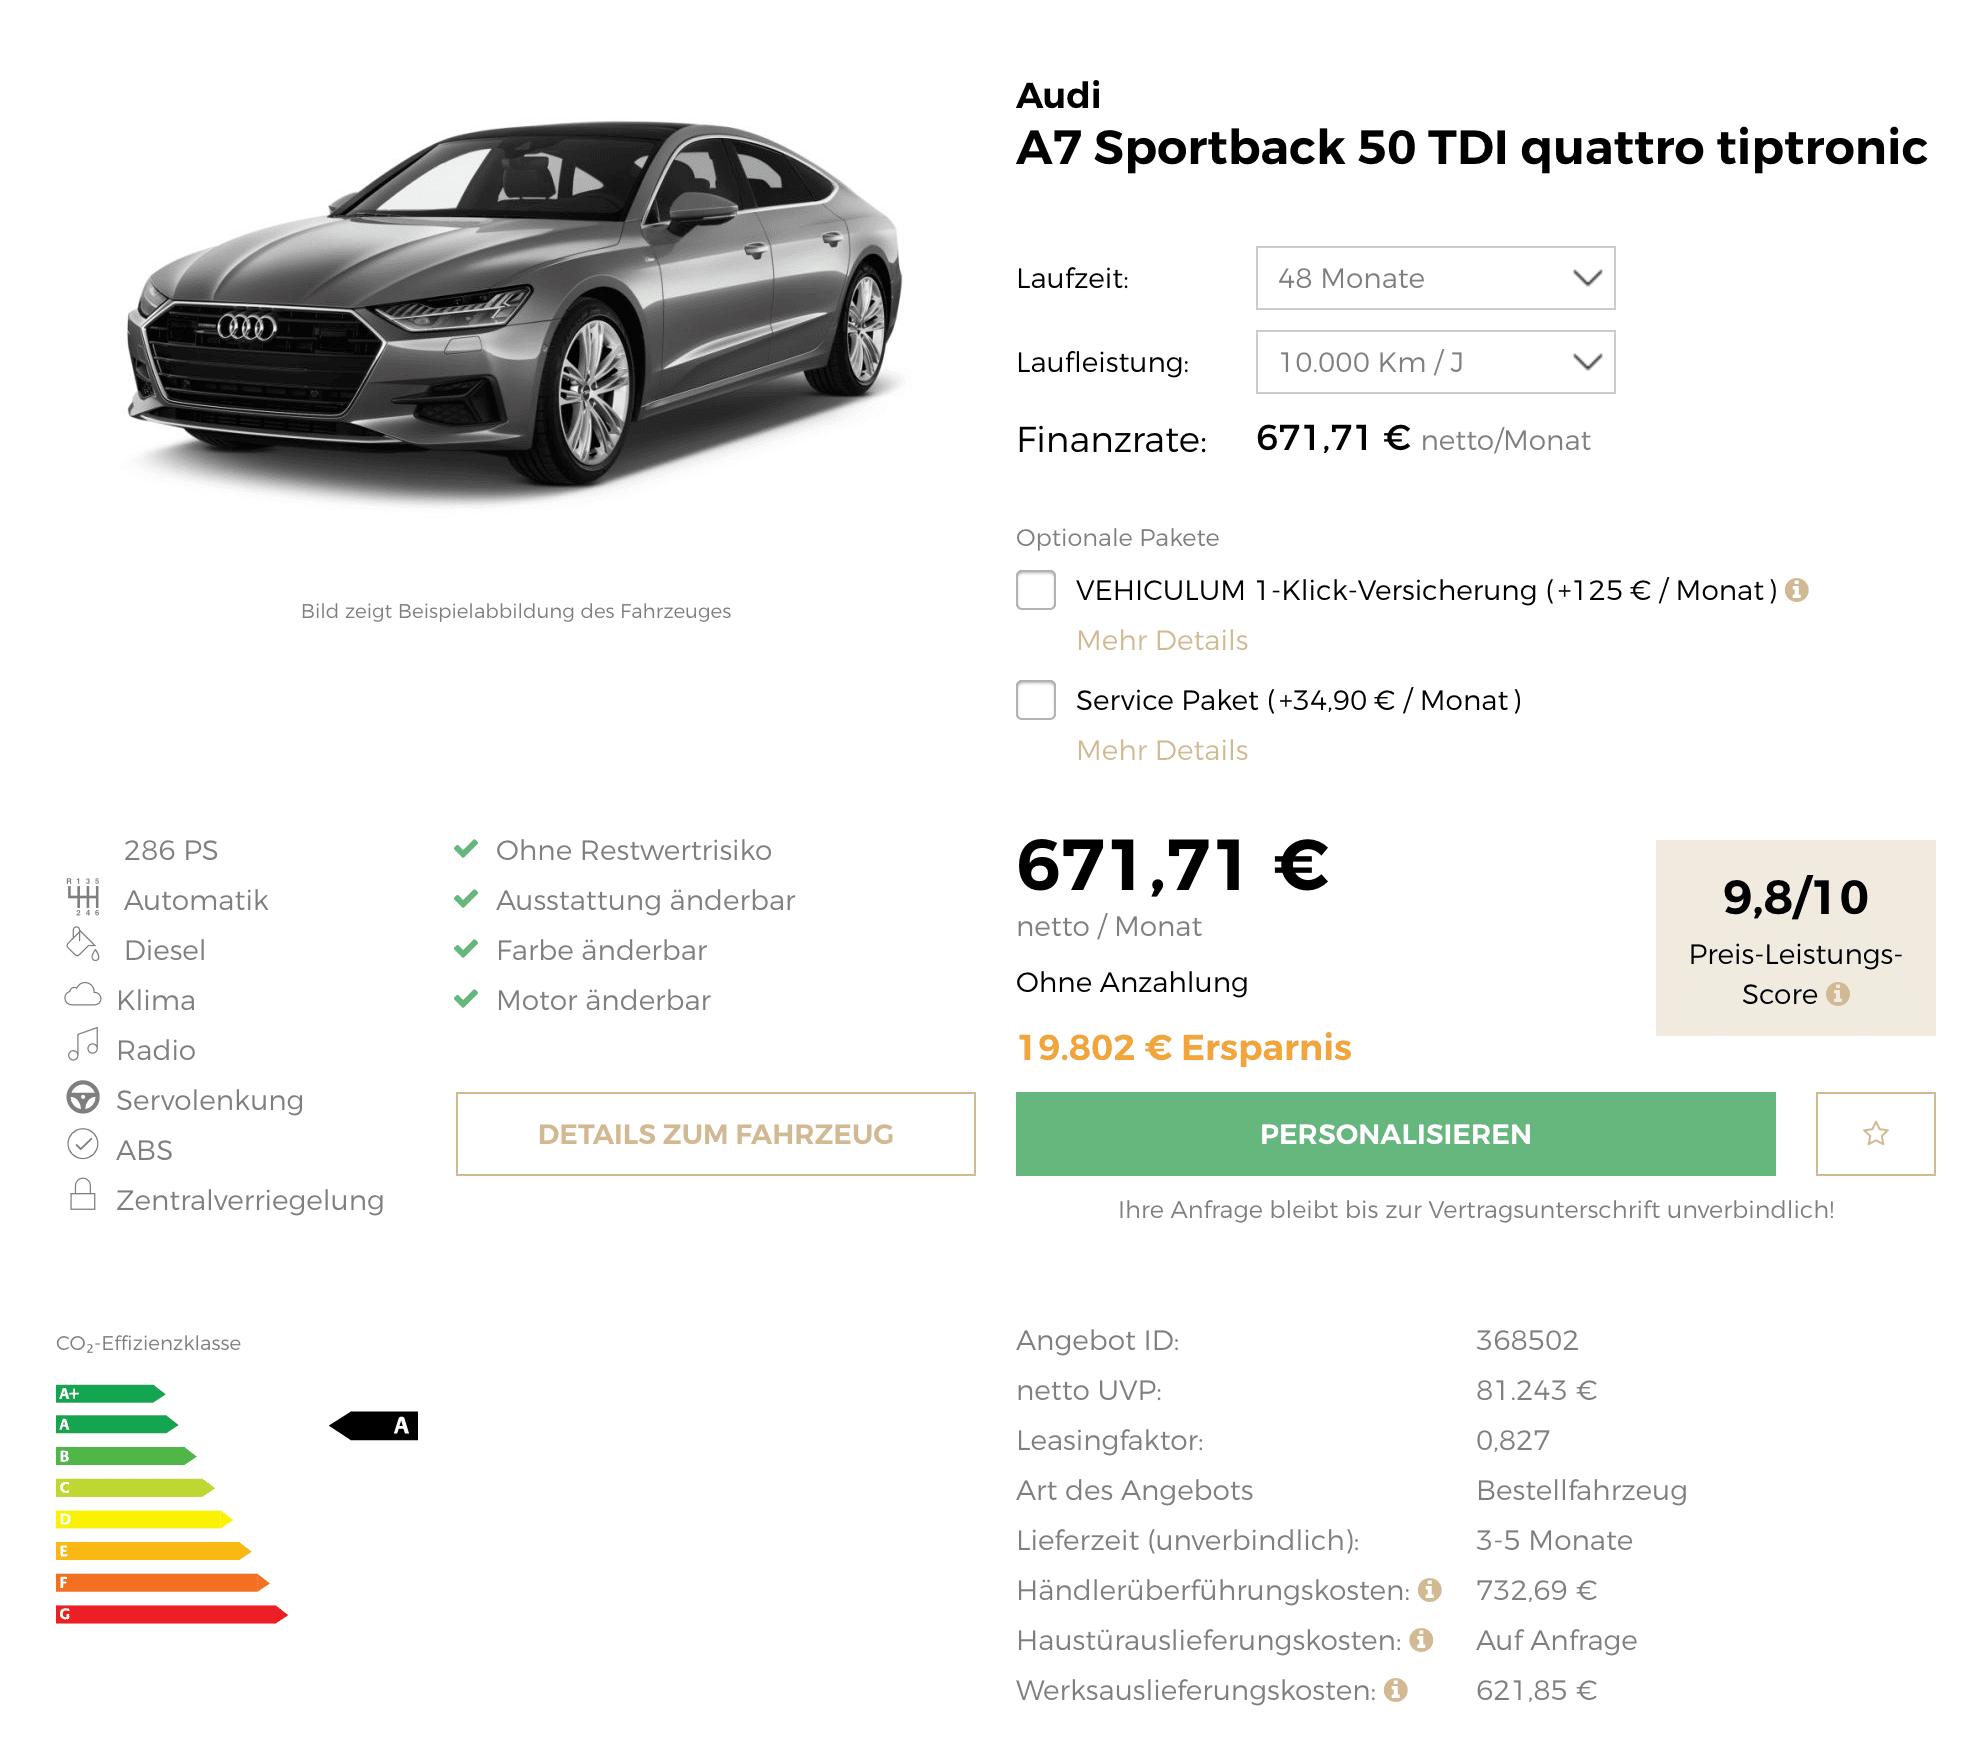 Audi A7 Sportback 50 TDI Quattro Leasing Für 672 Euro Im